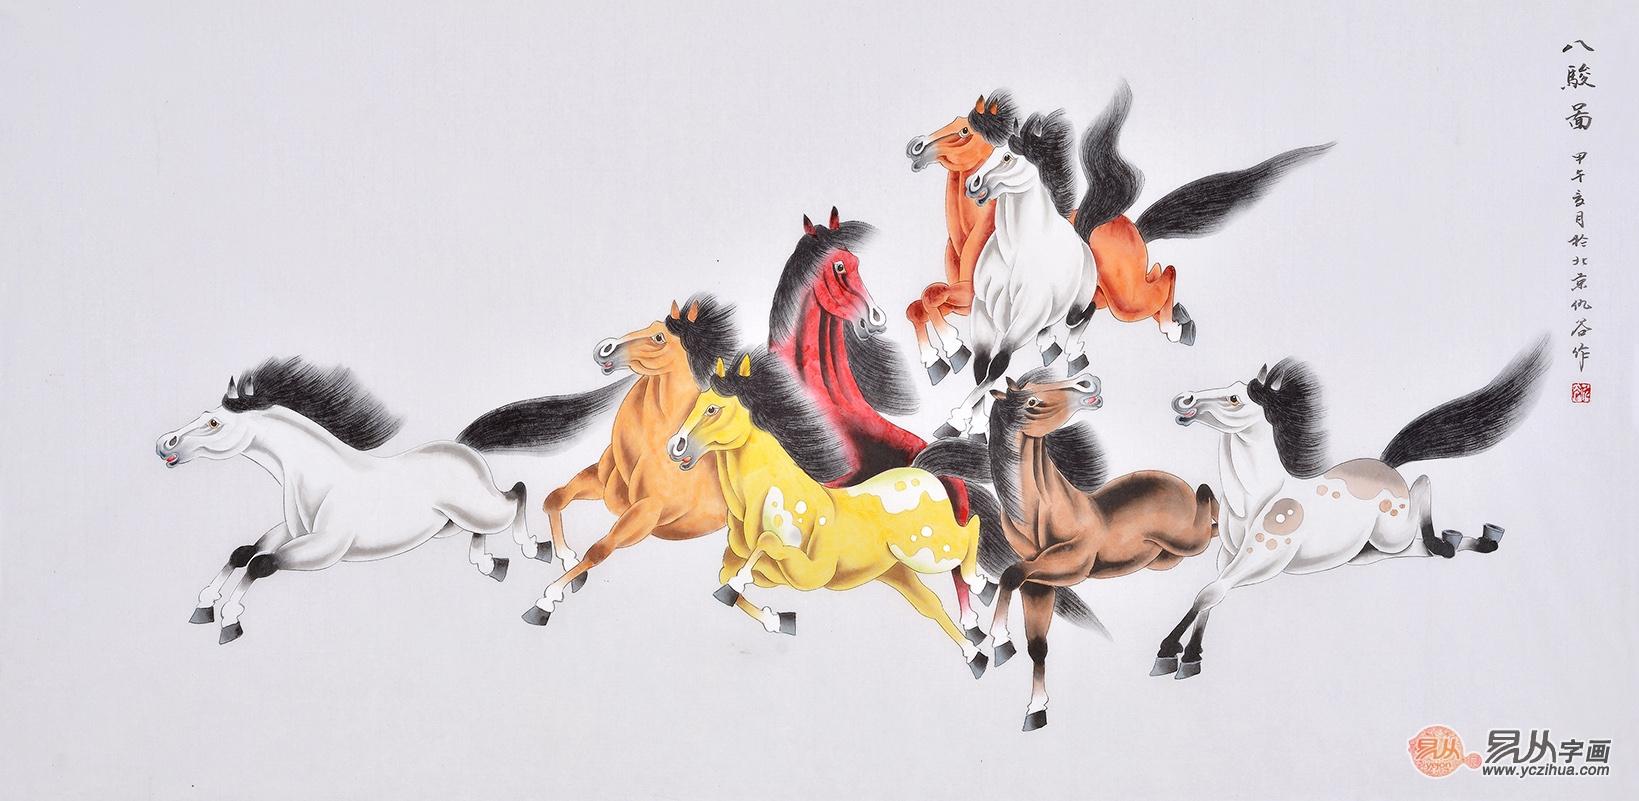 仇谷四尺横幅工笔动物画作品马《八骏图》